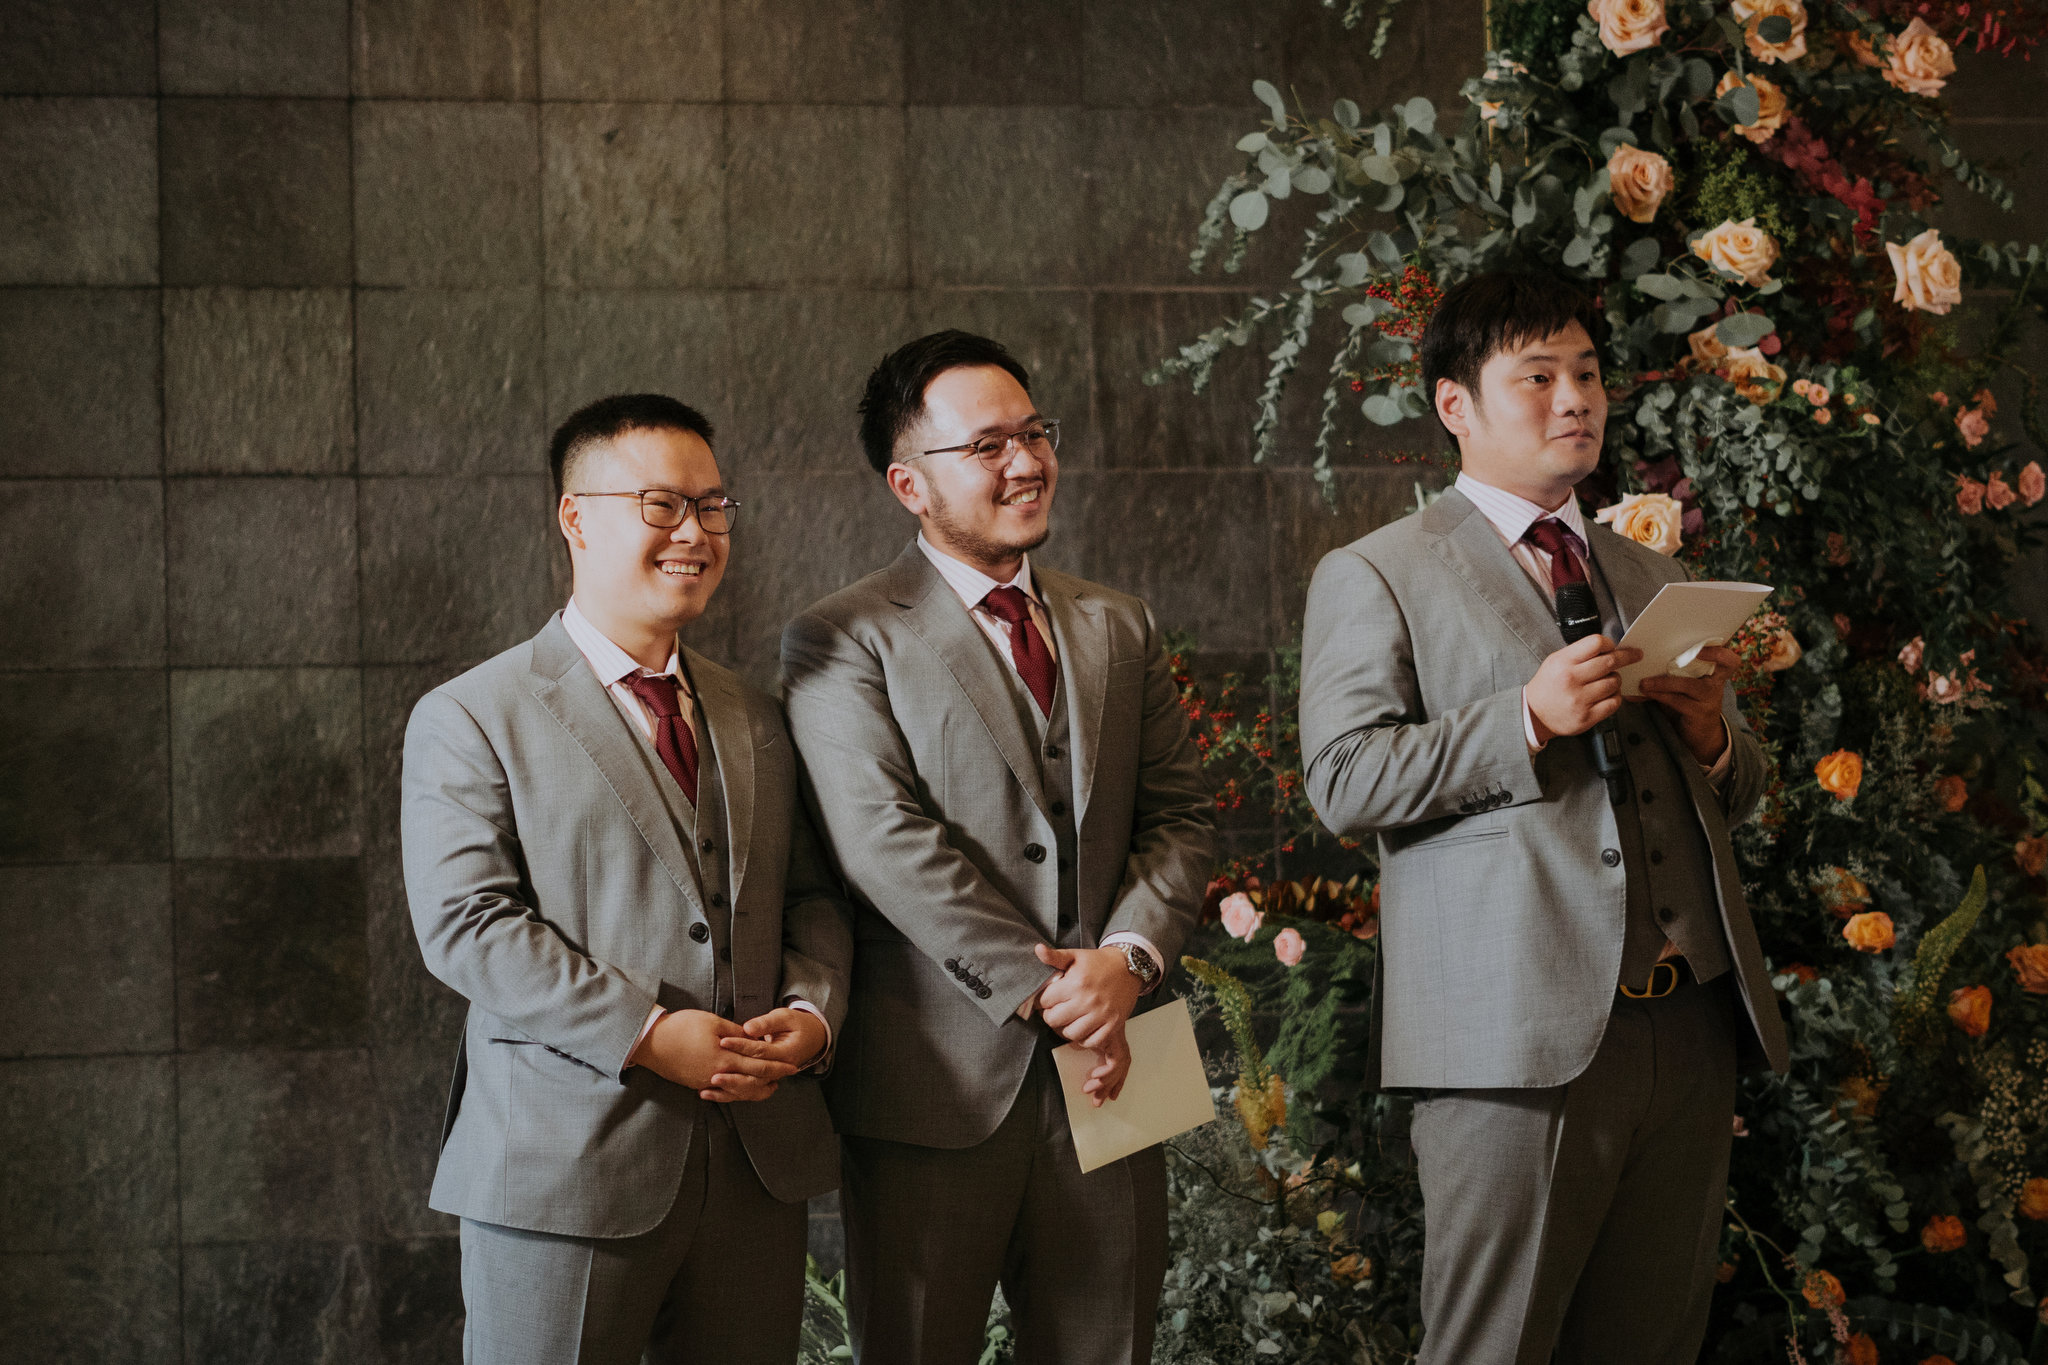 https://huk.s3.amazonaws.com/uploads/image/source/1407/Phuong-Diep-HN-Ceremony-1-0460.JPG